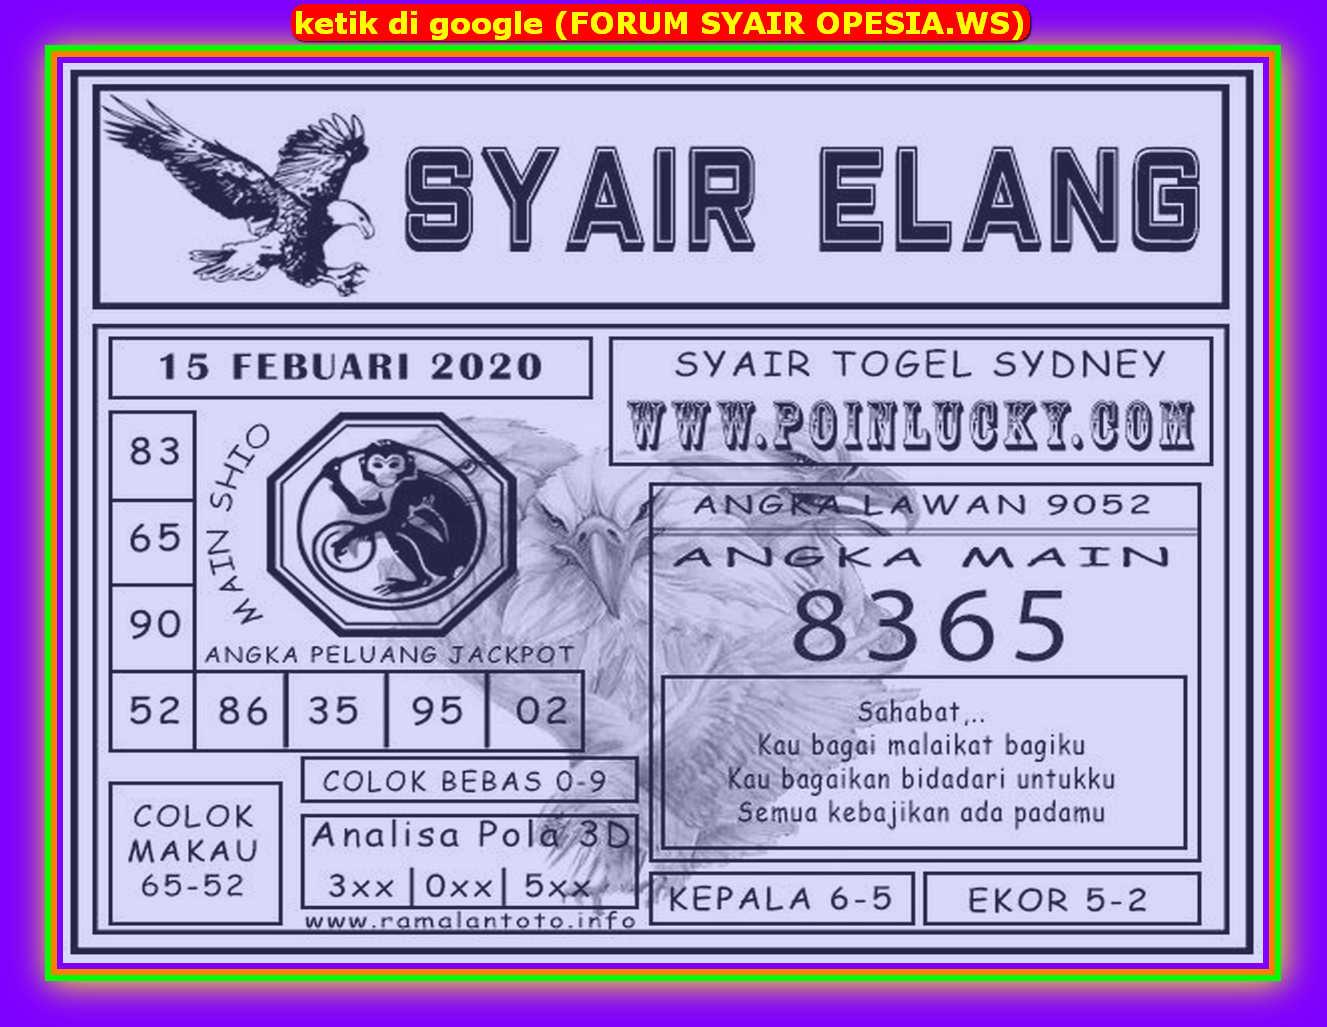 Kode syair Sydney Sabtu 15 Februari 2020 115